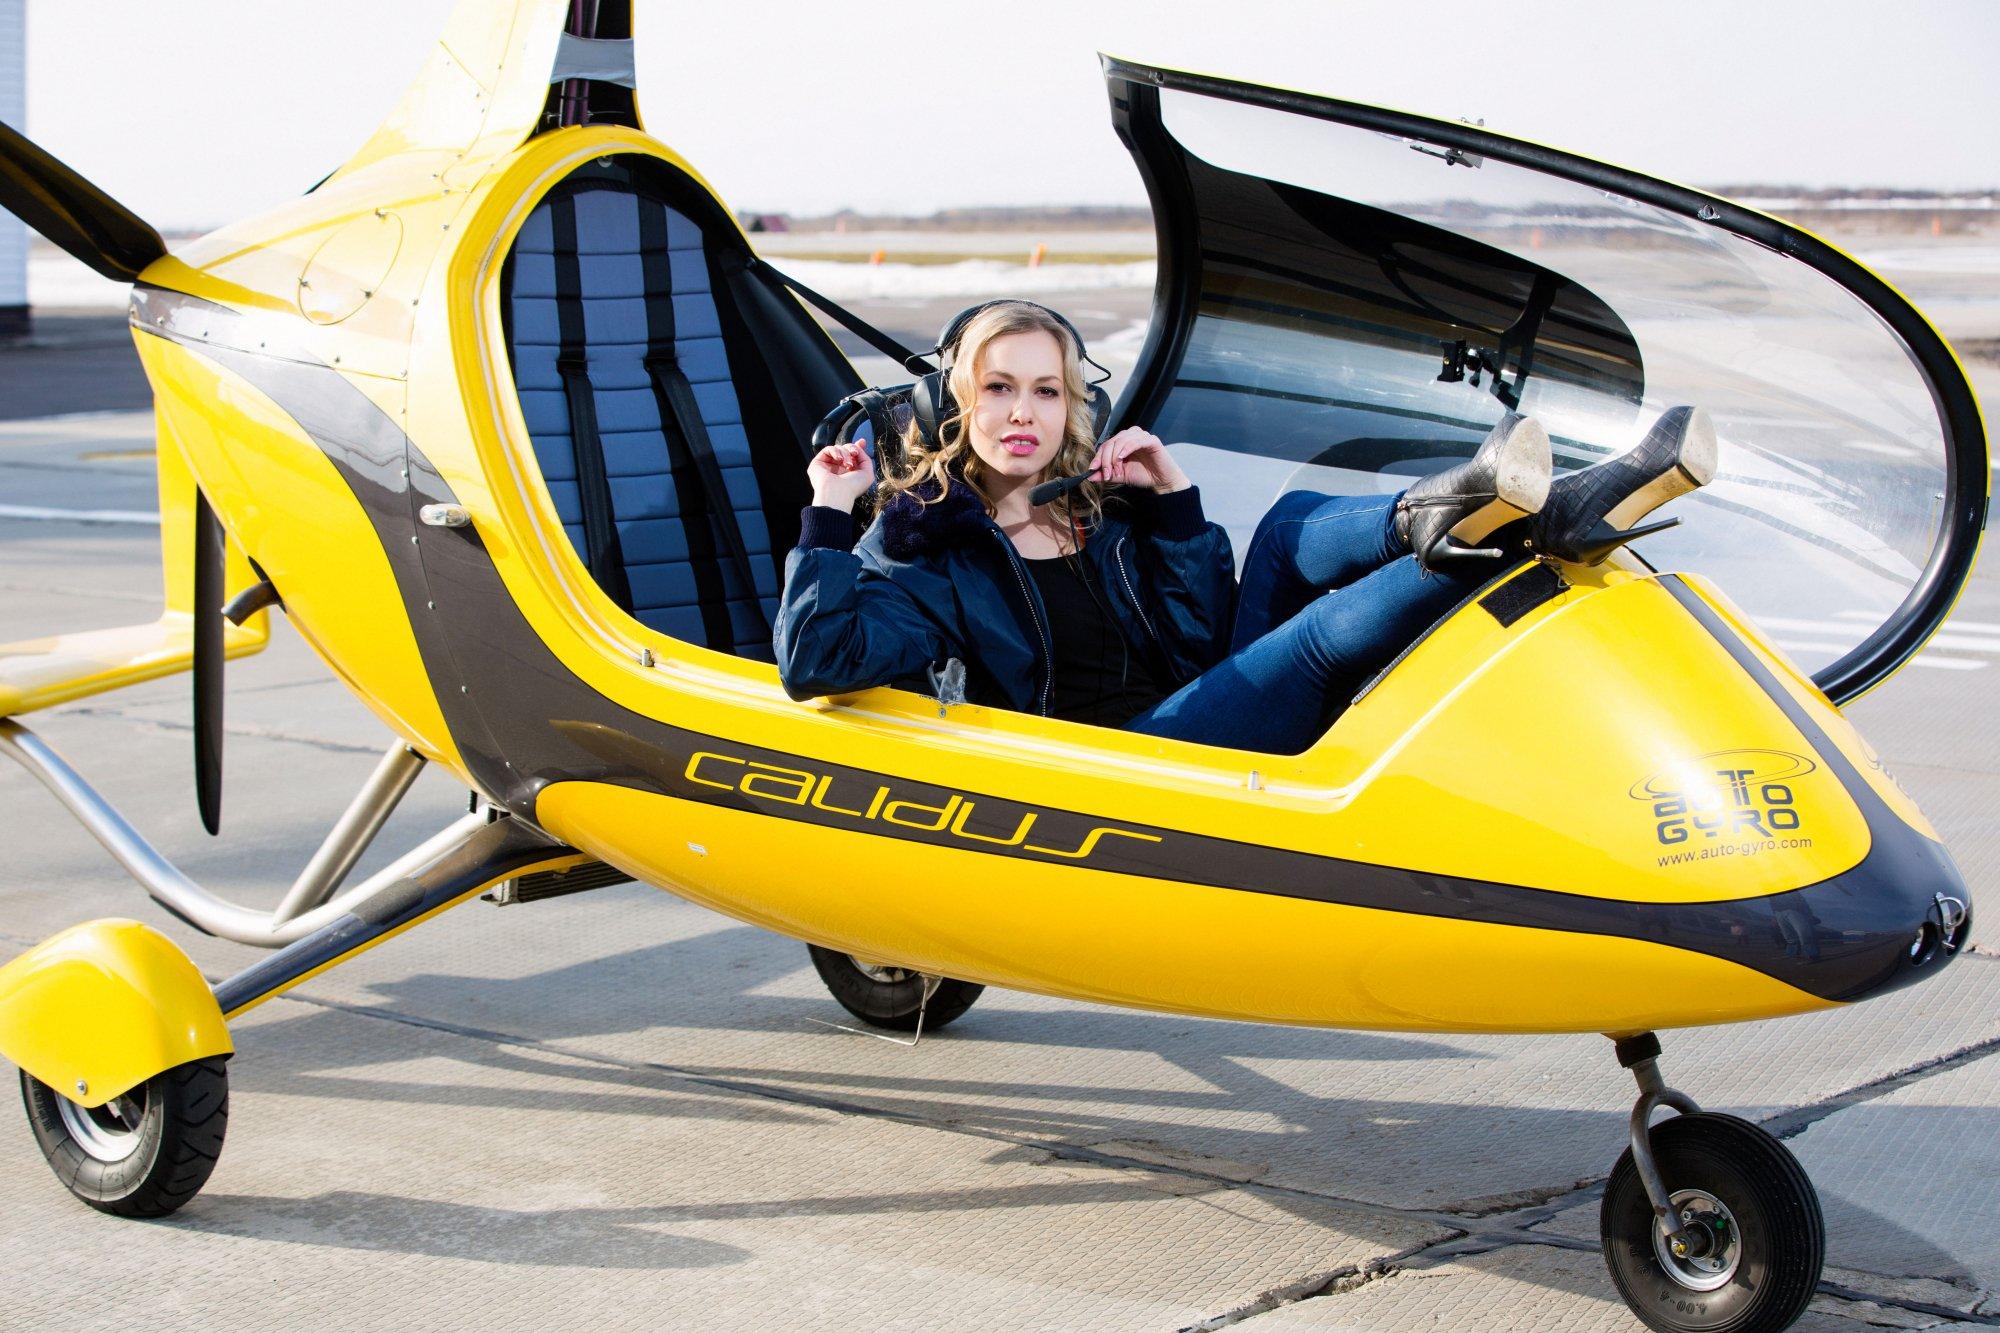 авиацентр воскресенск спортивный самолет фото планета, развитие изменение